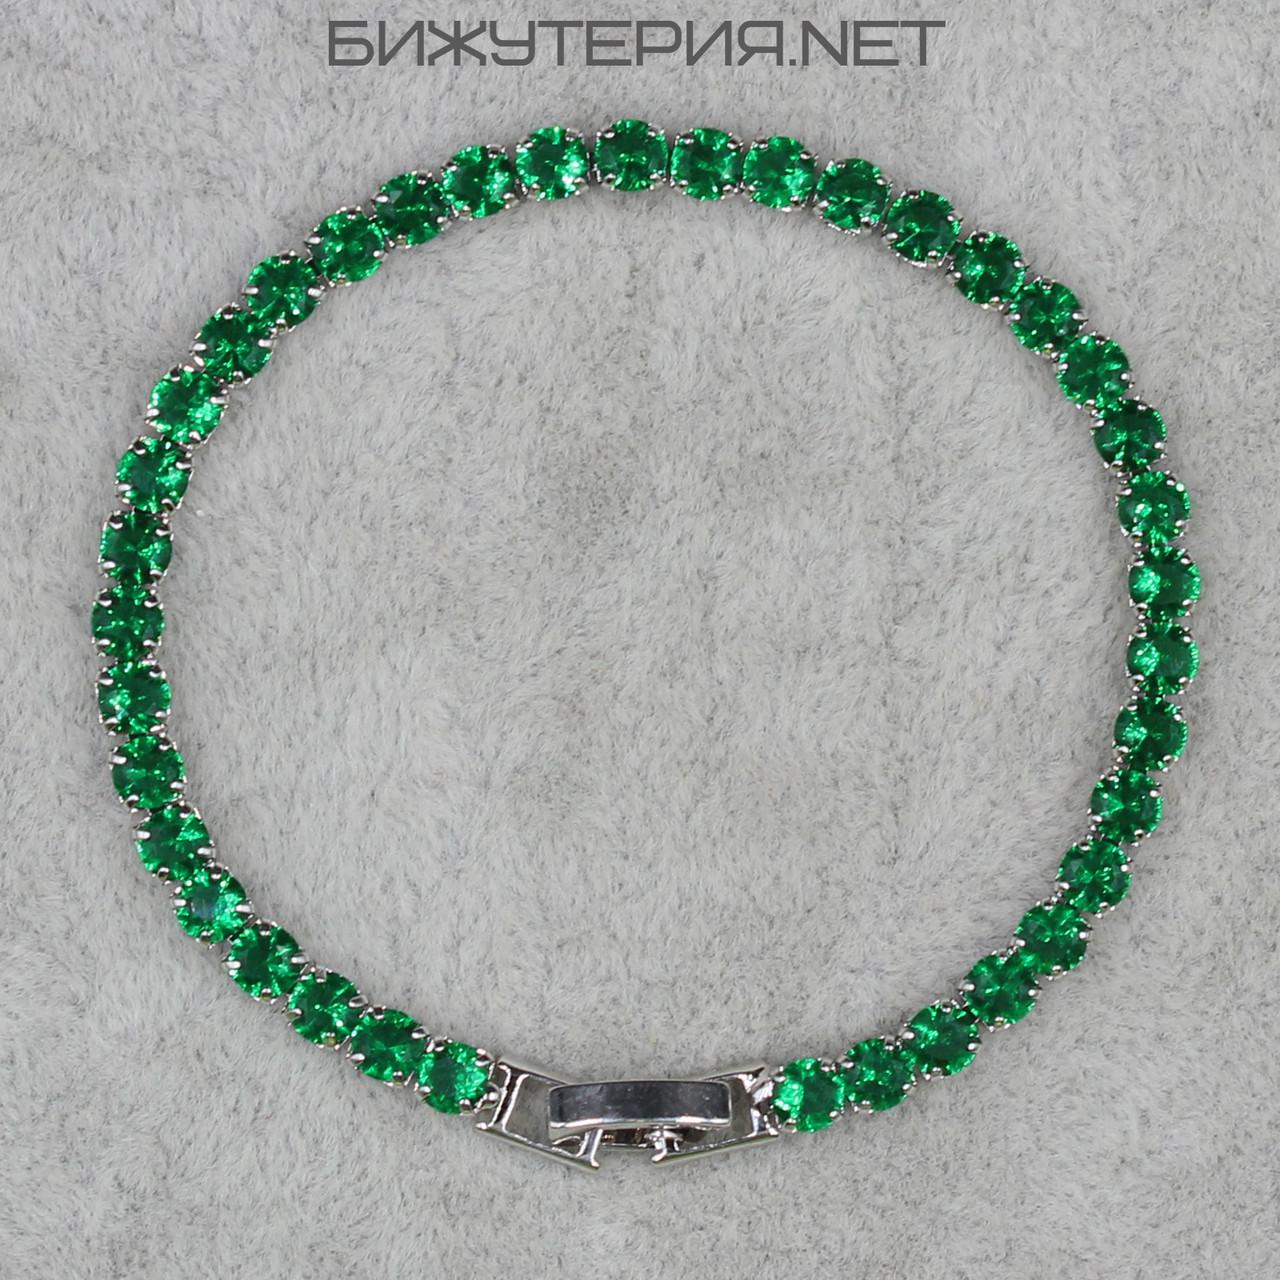 Браслет женский  JB инкрустирован камнями зеленого цвета - 1062209580